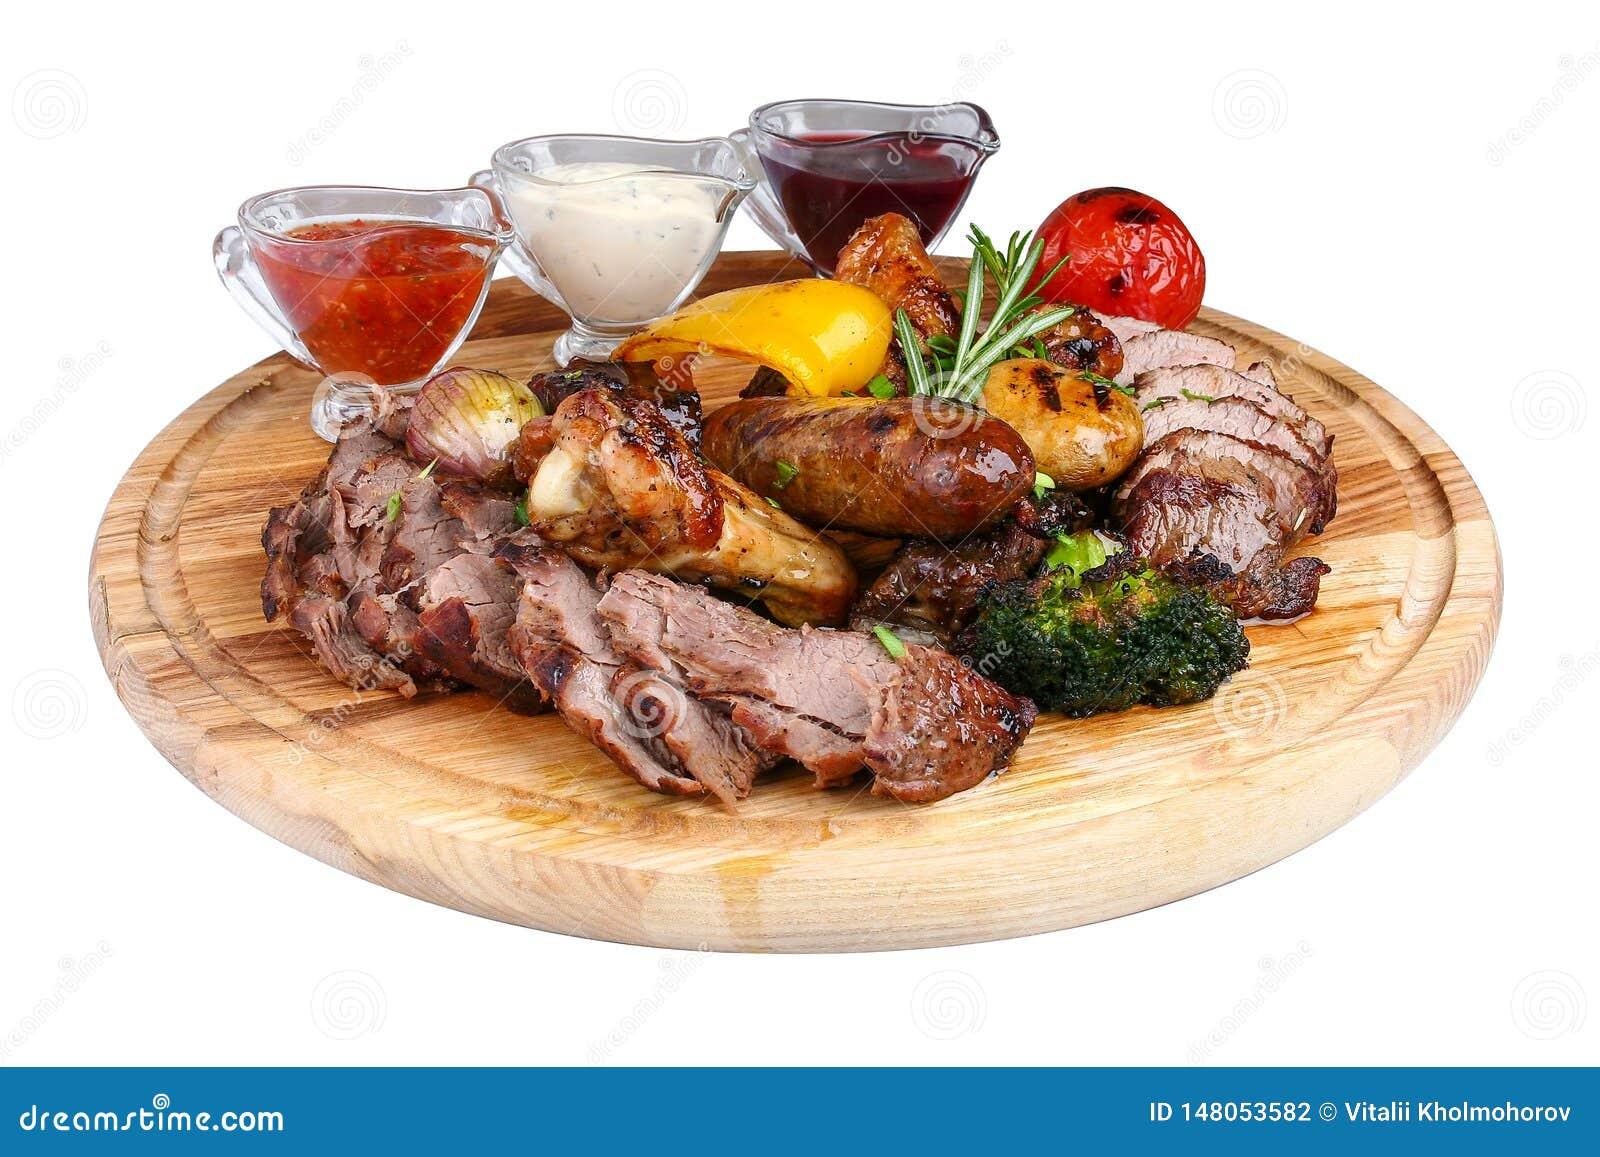 Ανάμεικτο ψημένο στη σχάρα κρέας με τα ψημένα λαχανικά σε έναν ξύλινο πίνακα